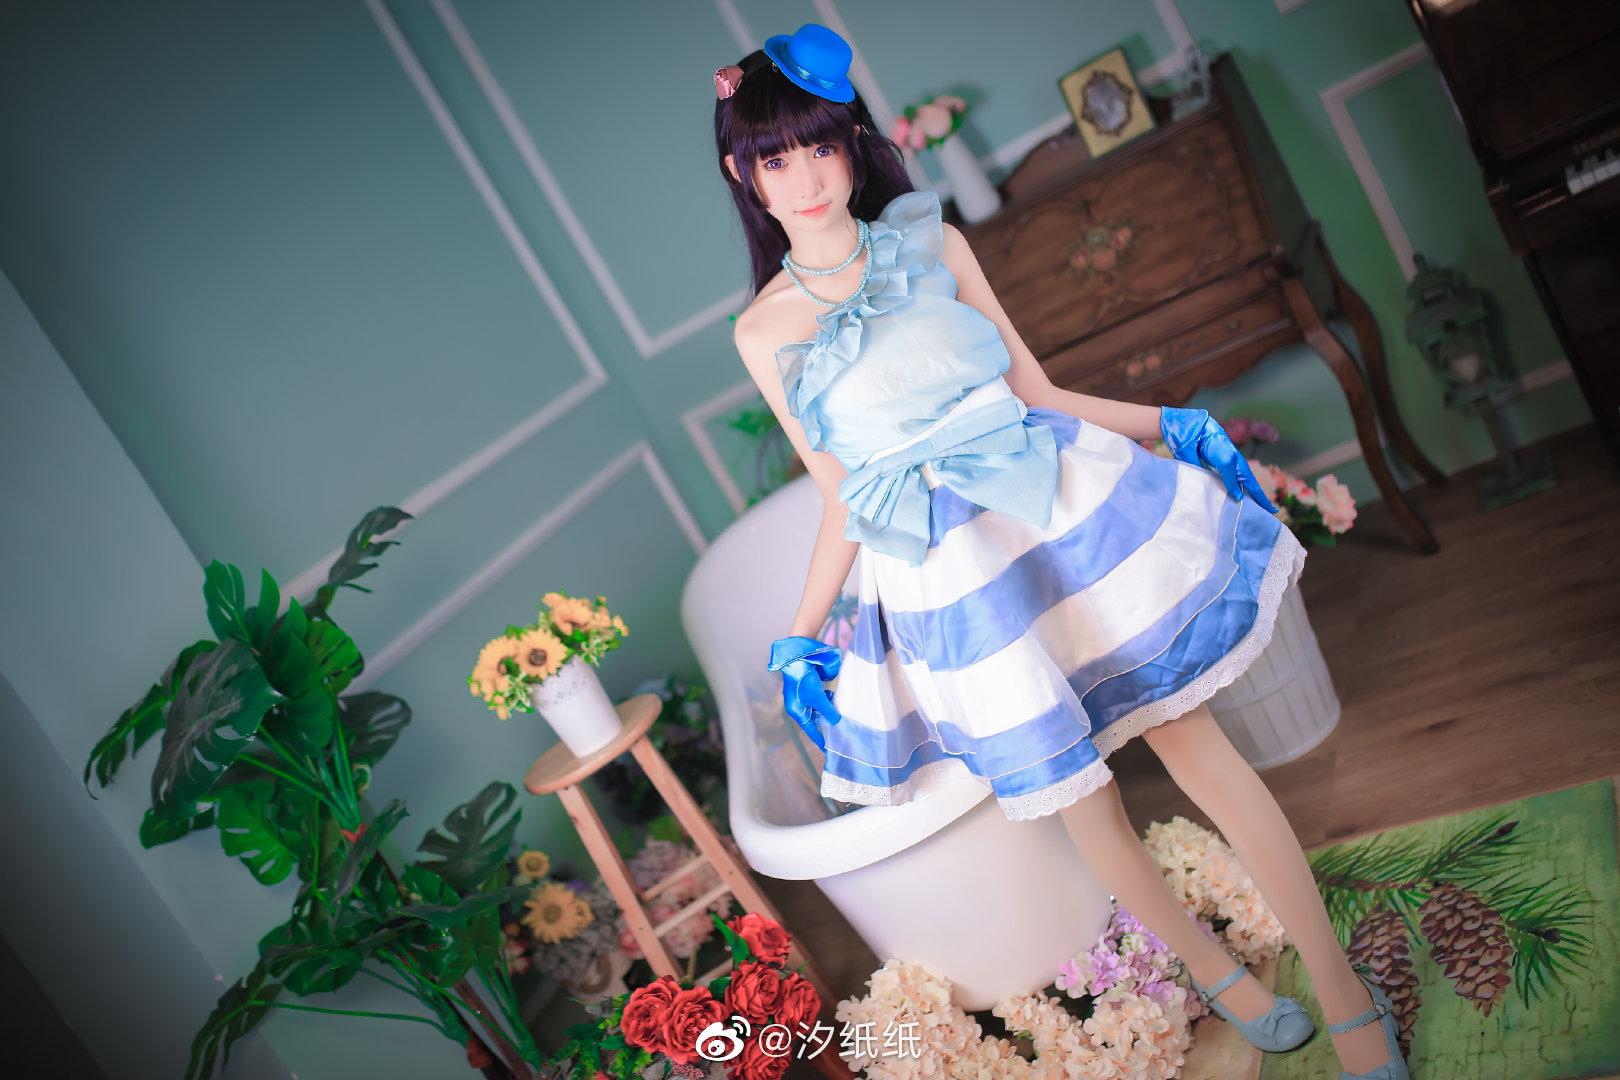 我的妹妹哪有這麽可愛  五更琉璃  @汐紙紙 - COSPLAY -